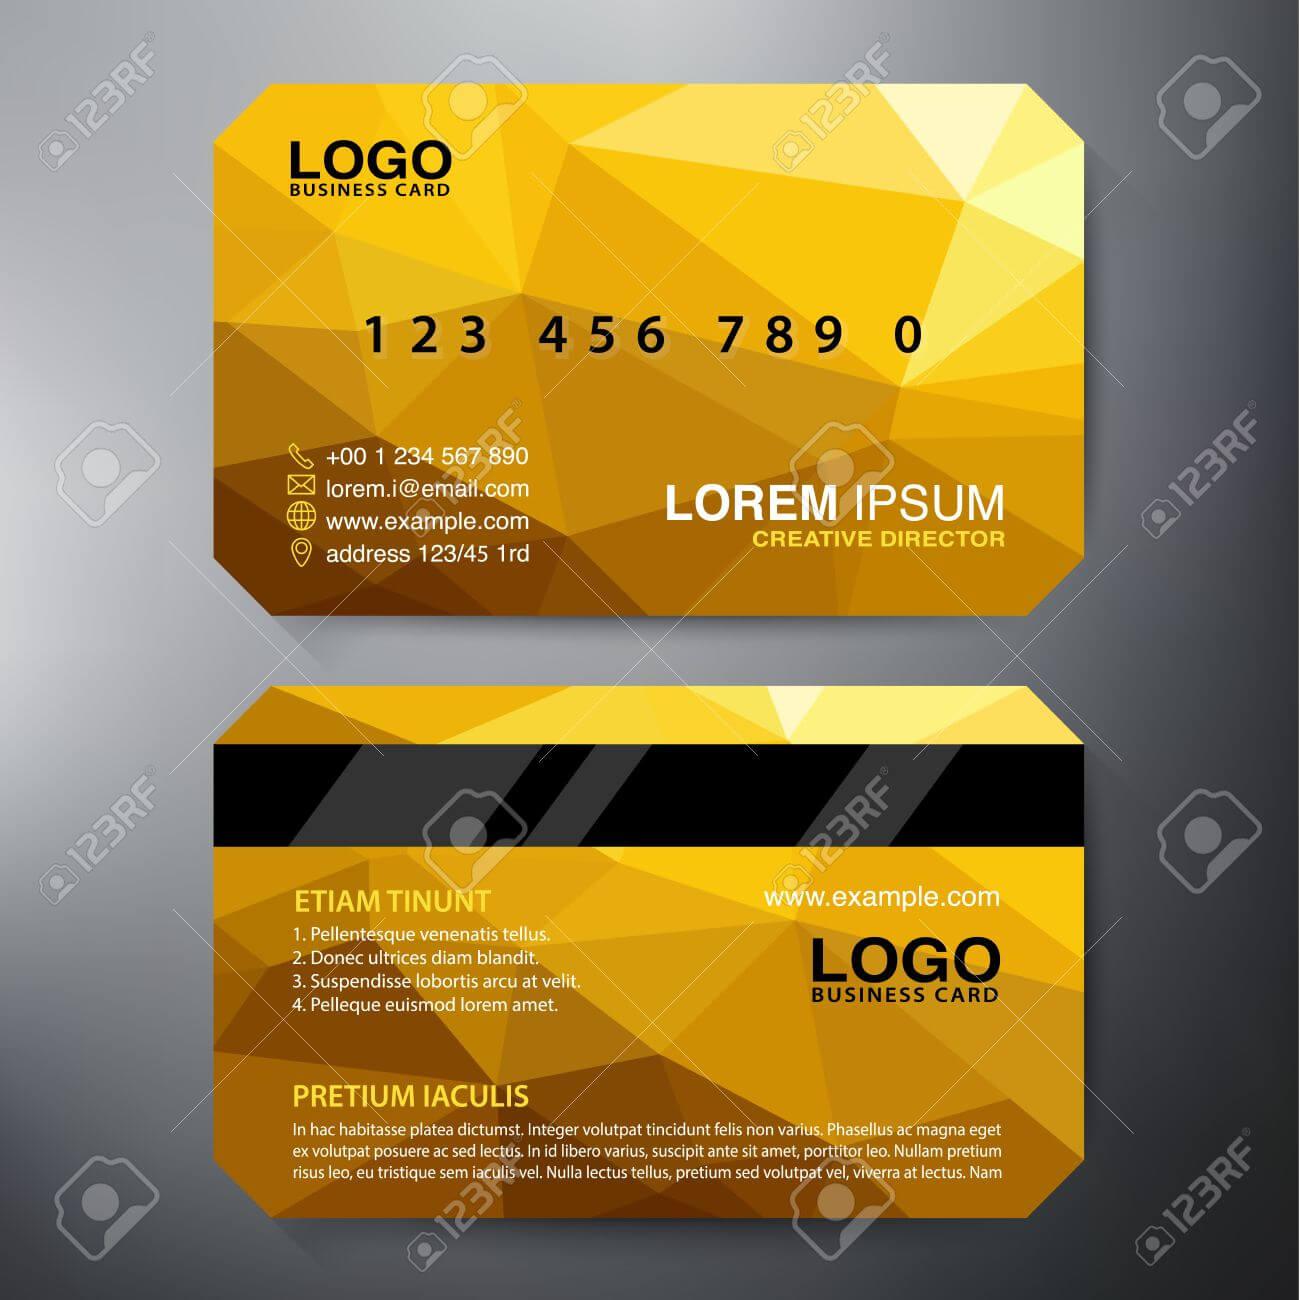 Modern Business Card Design Template. Vector Illustration With Modern Business Card Design Templates